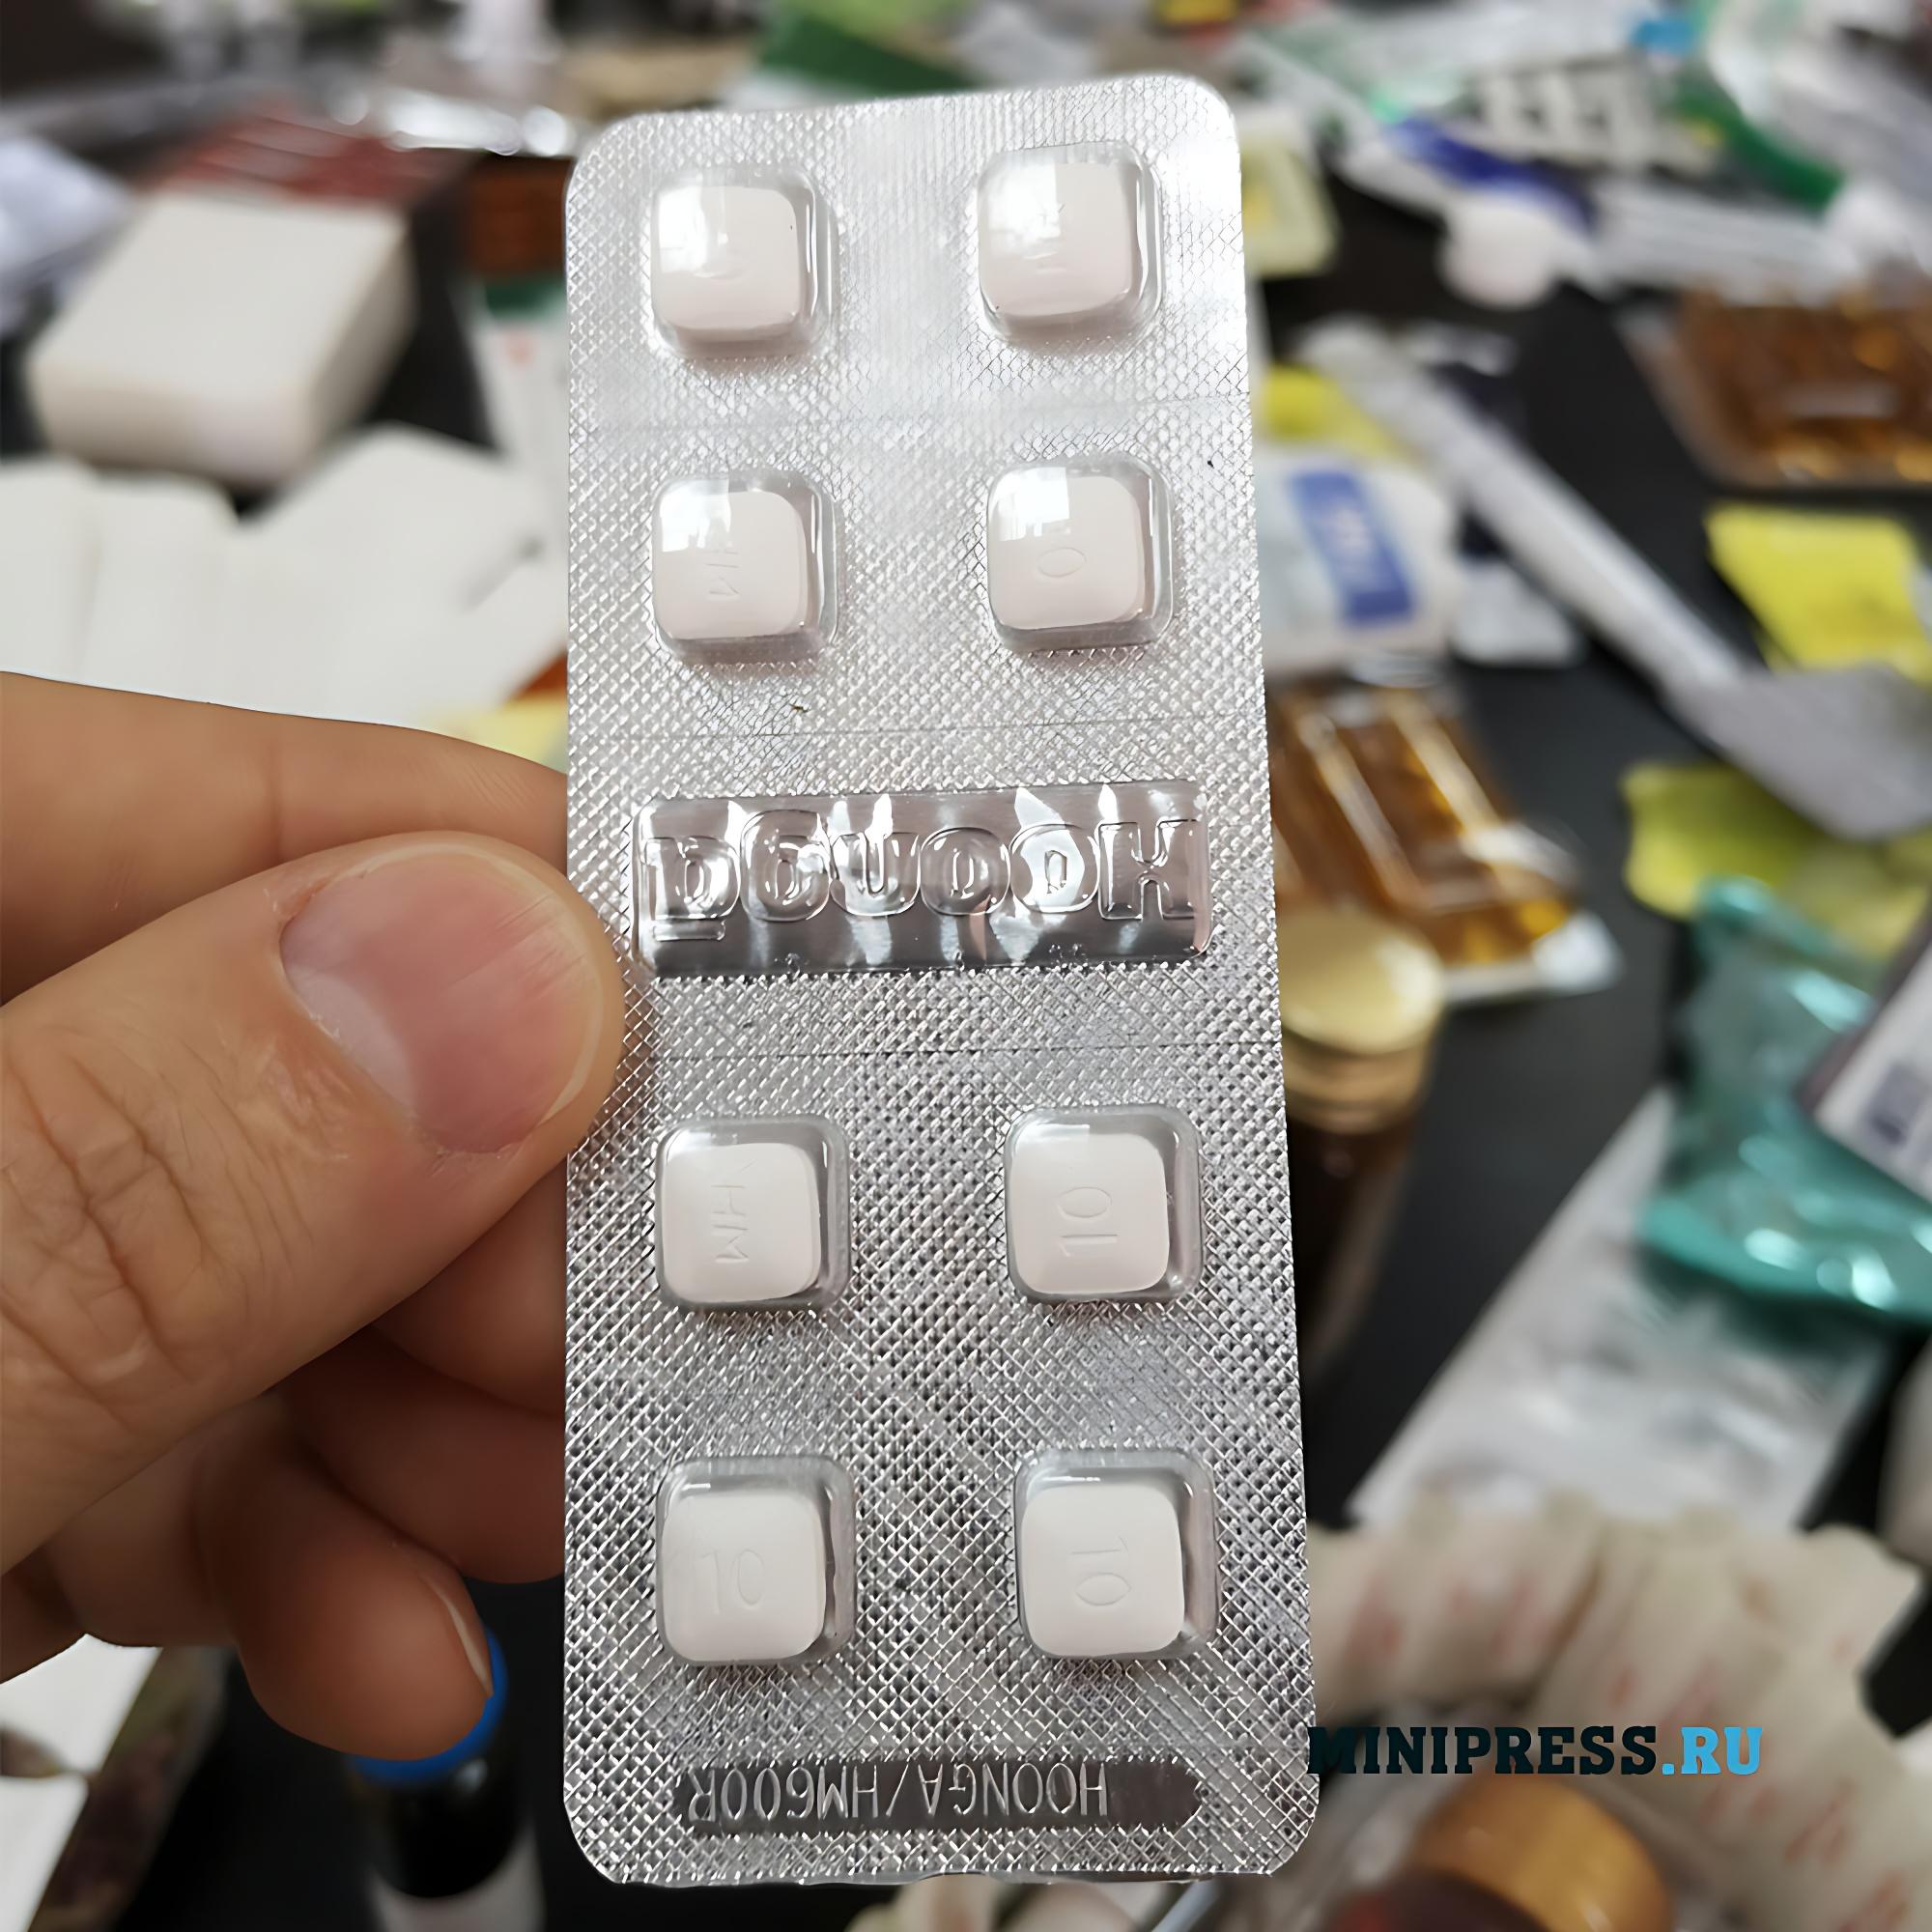 Таблетирование